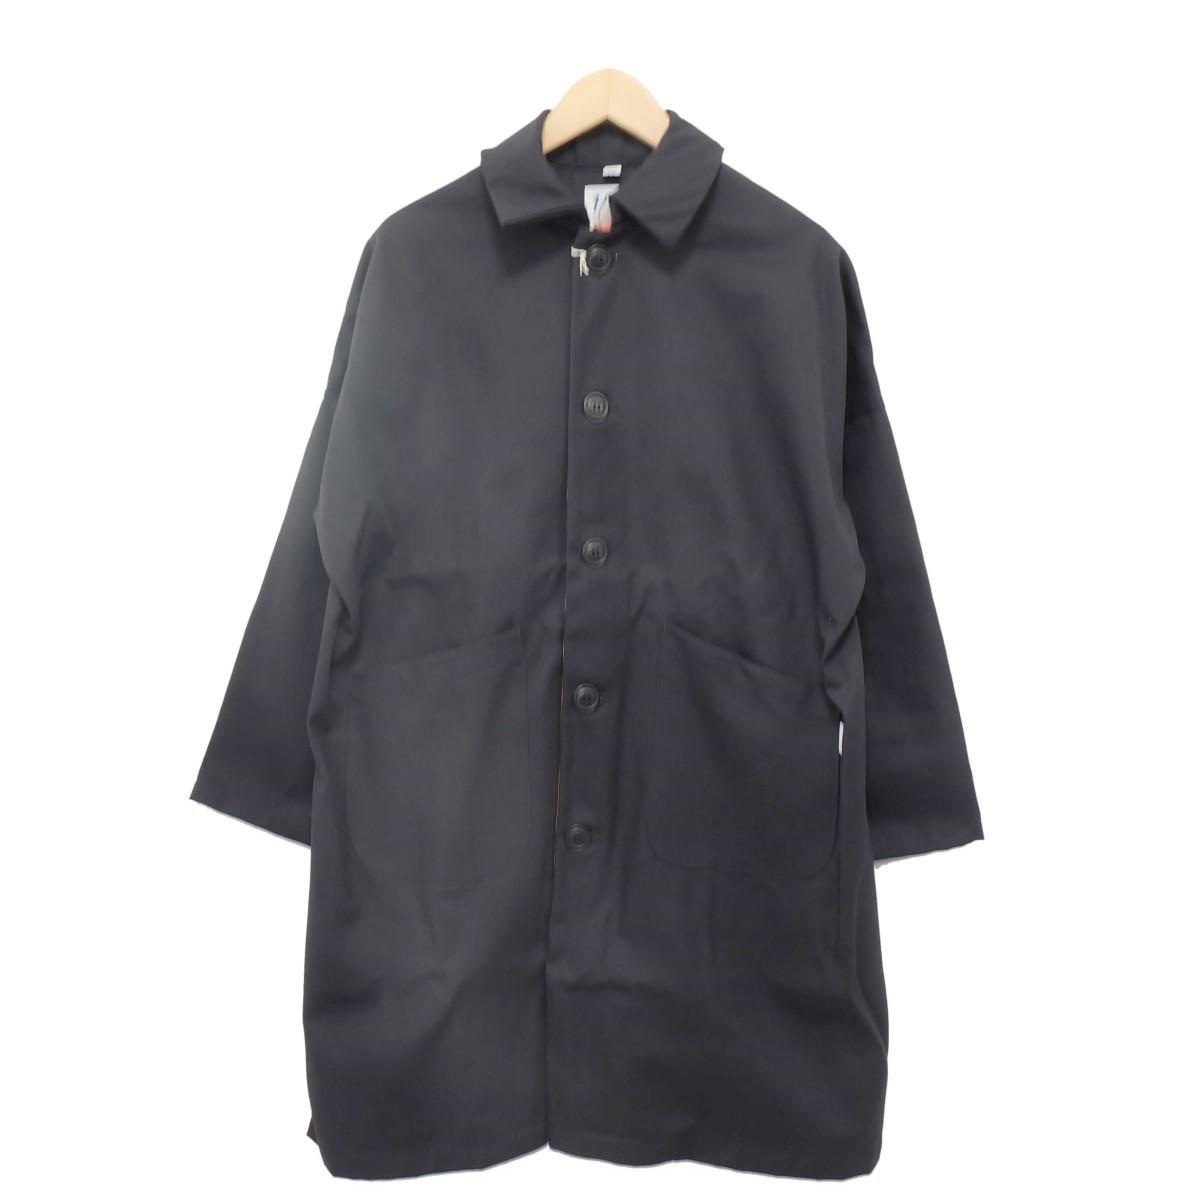 【中古】SOPH. ×YARMO 18SS DUSTER COAT ダスターコート ブラック サイズ:S 【060220】(ソフ)